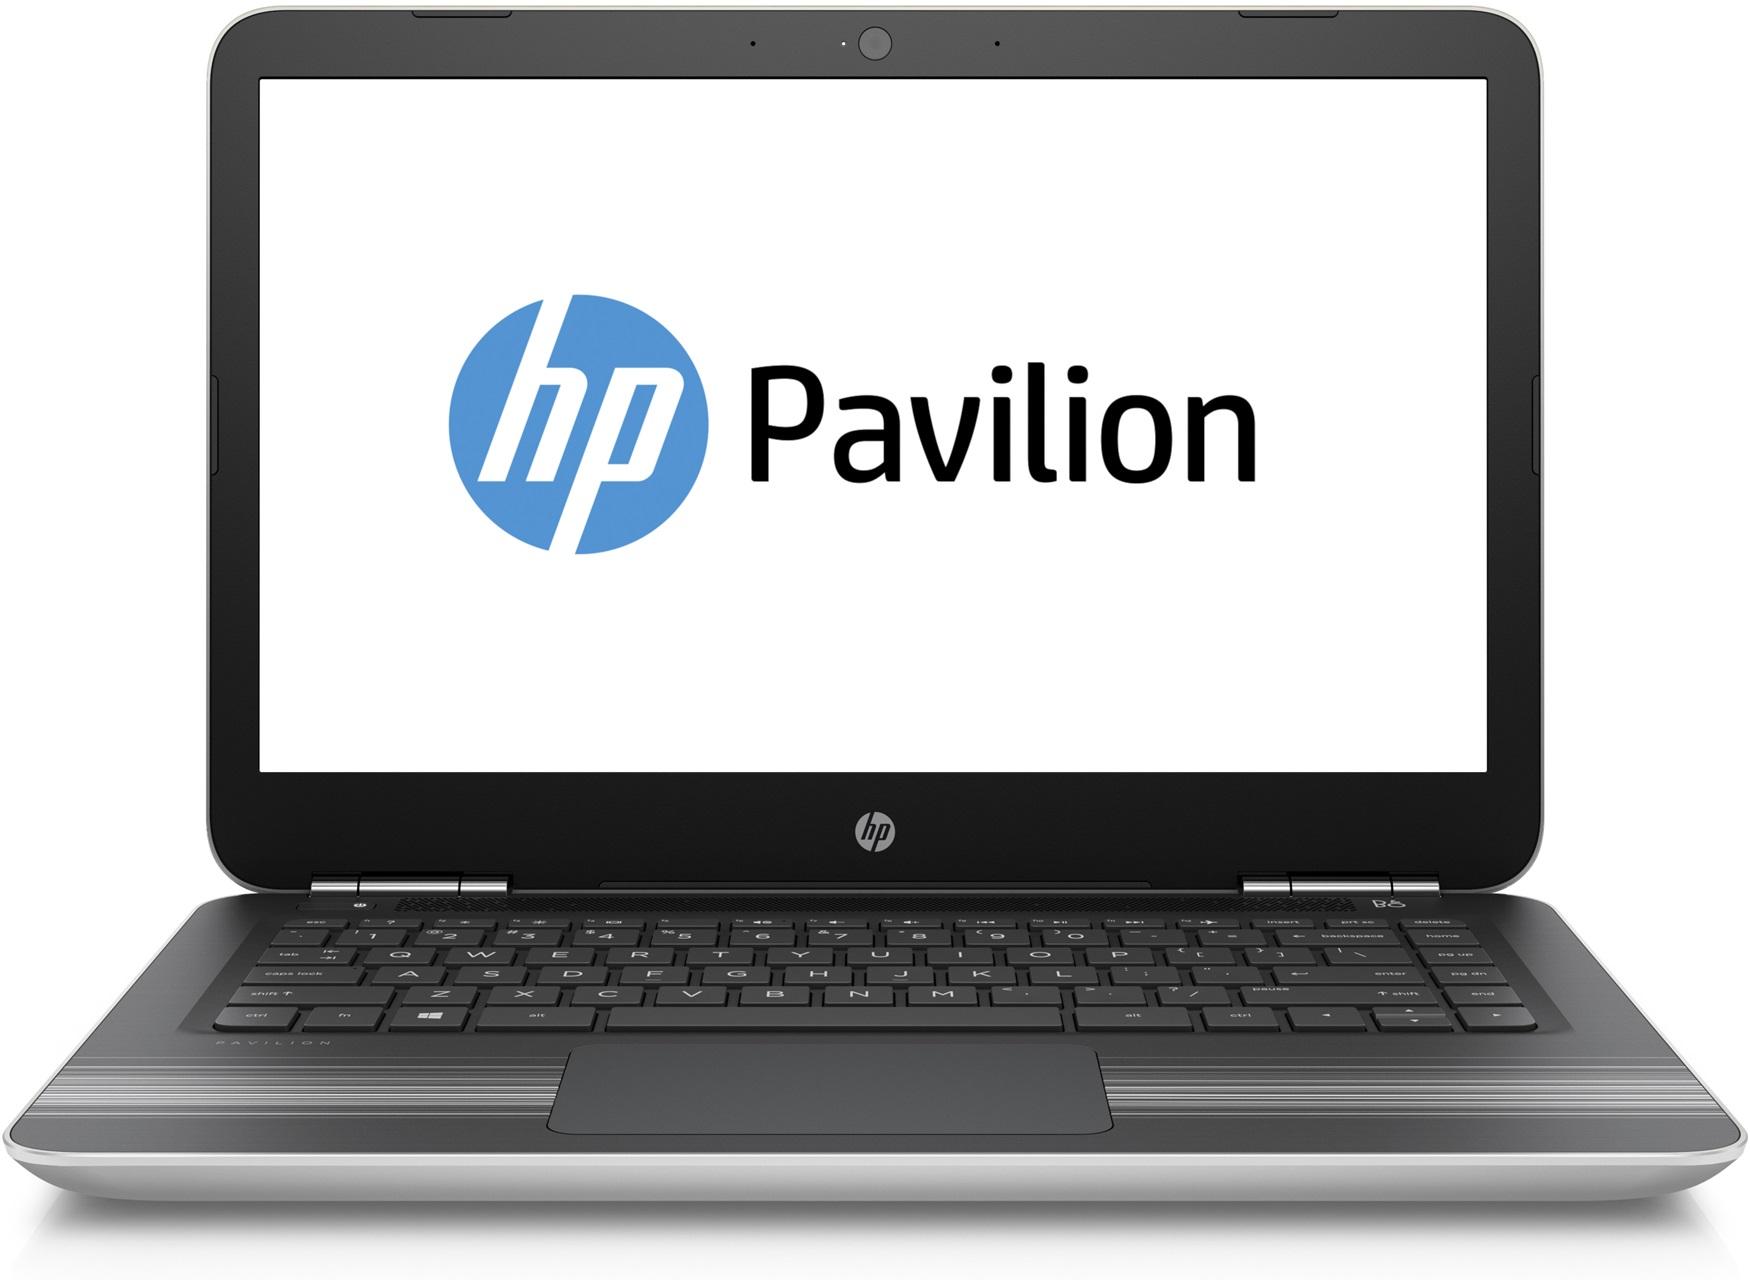 HP_Pavilion_14_mattruoc